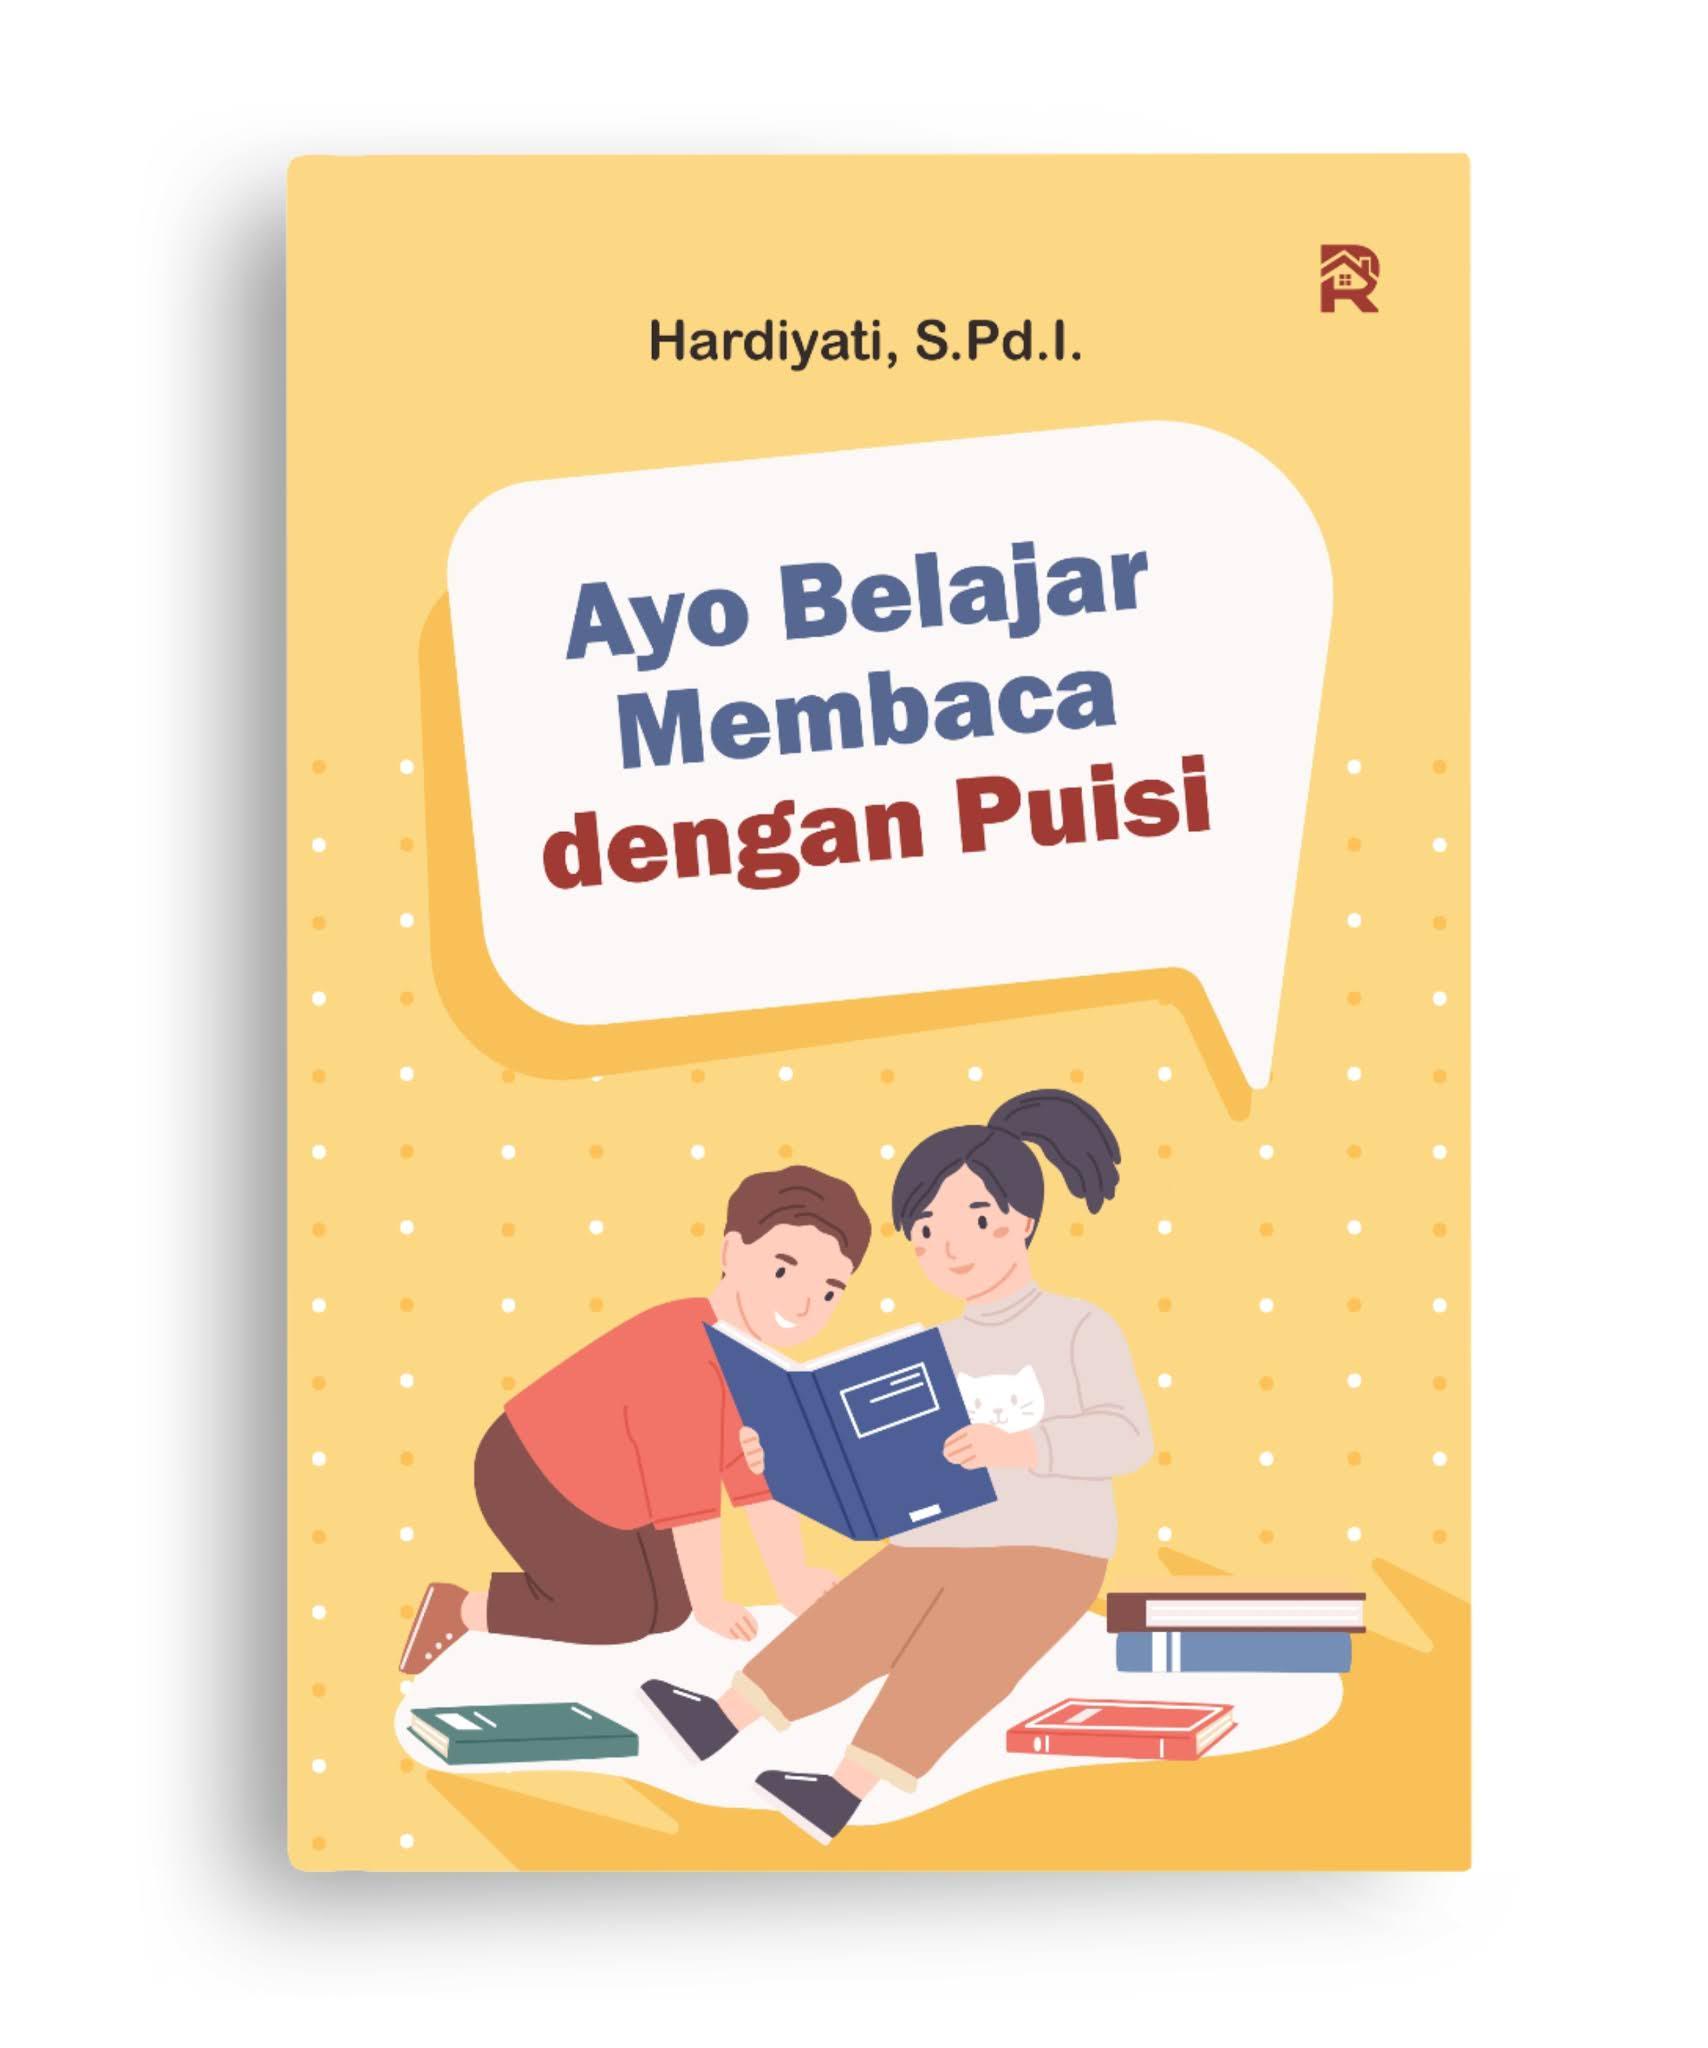 Ayo Belajar Membaca dengan Puisi